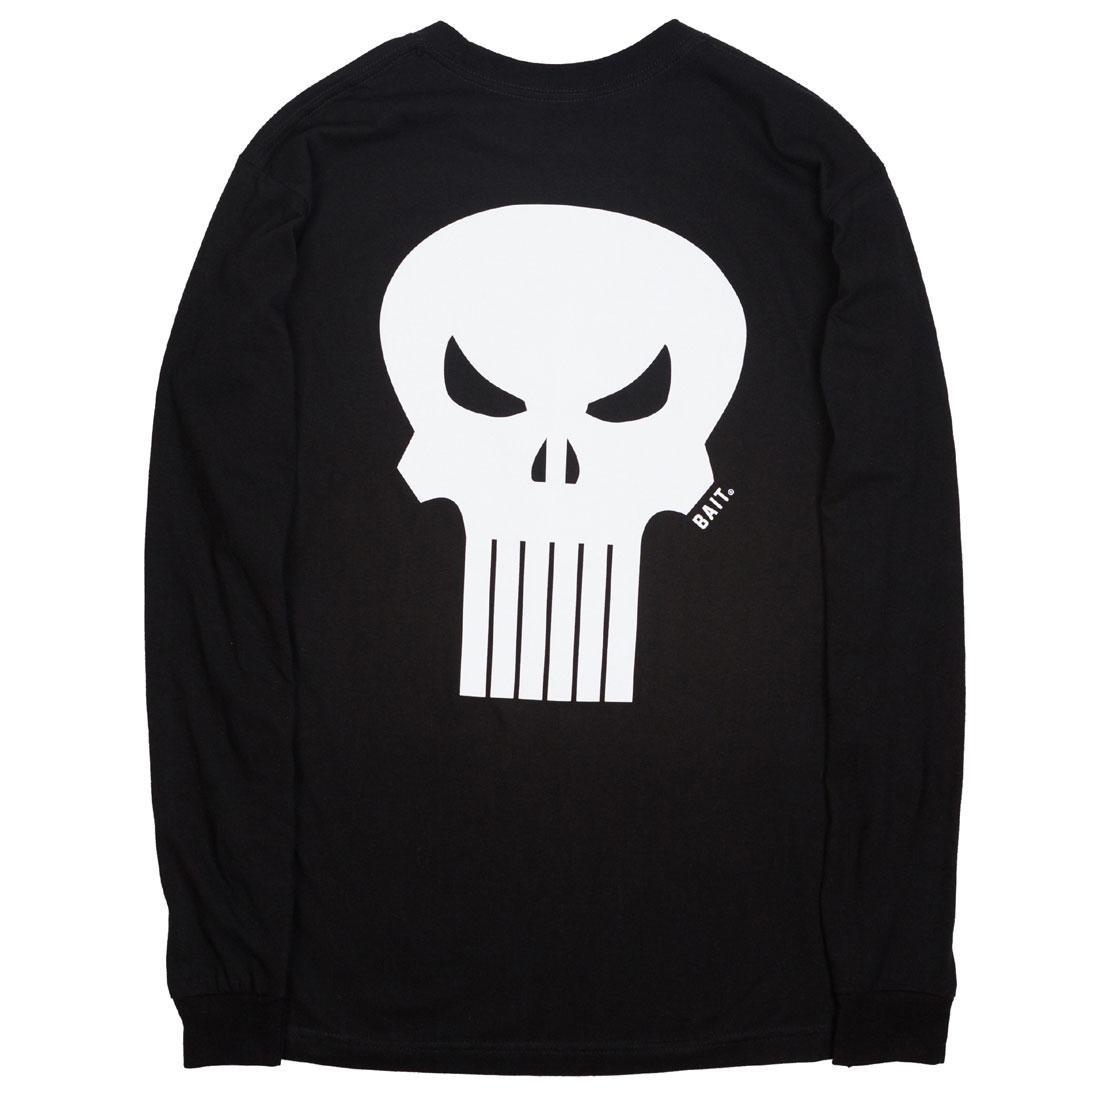 BAIT x Marvel Punisher Men Skull Long Sleeve Tee (black)